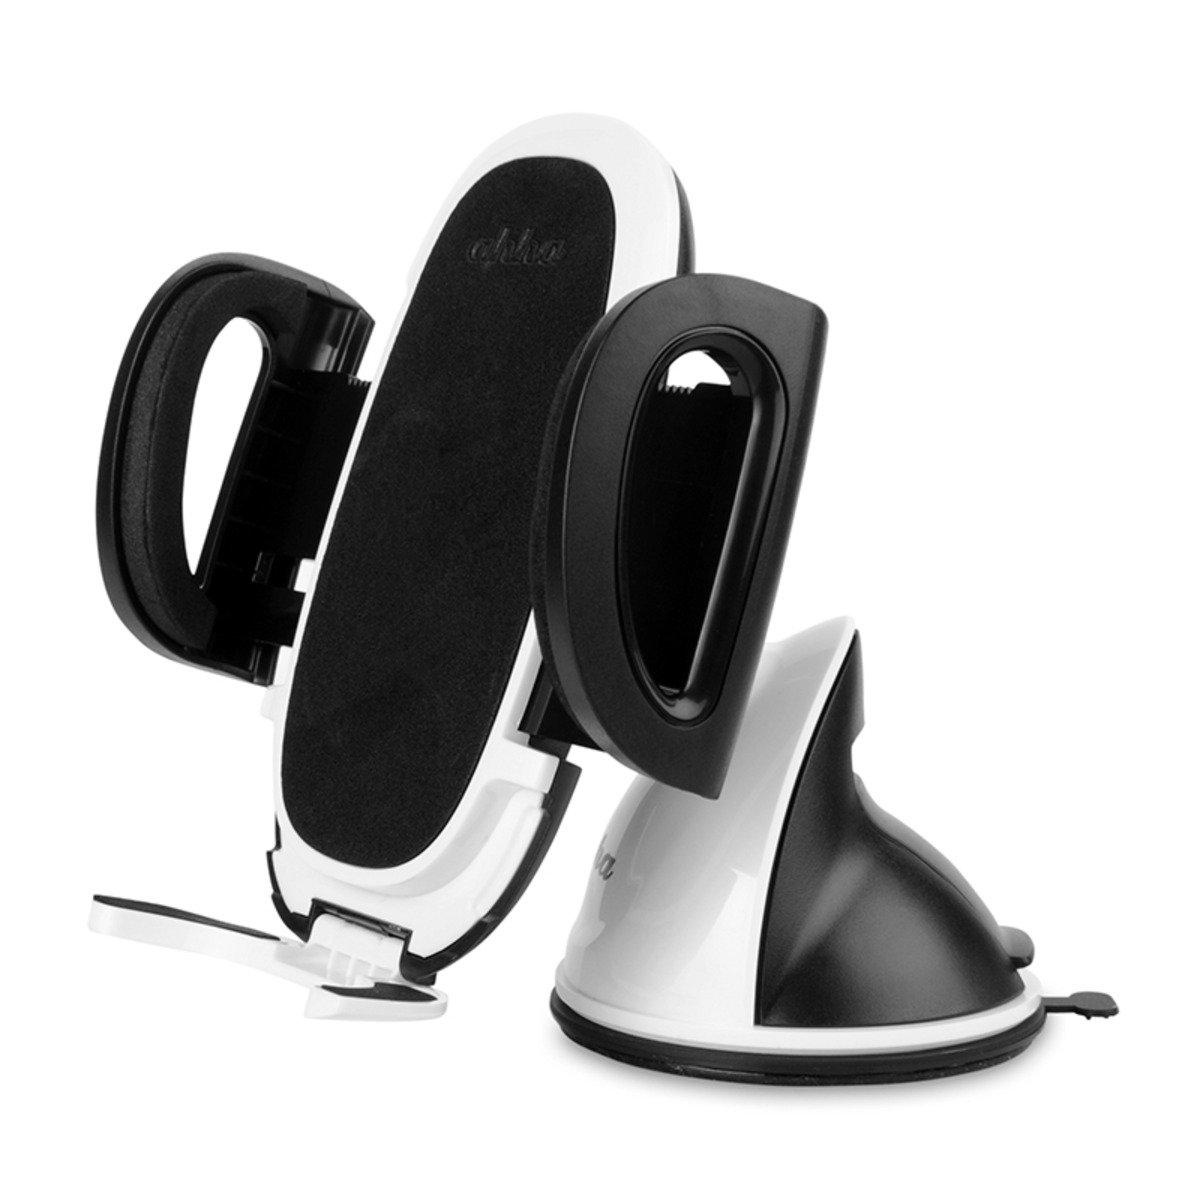 汽車擋風玻璃手機固定支架 (可360度靈活調較)(白)